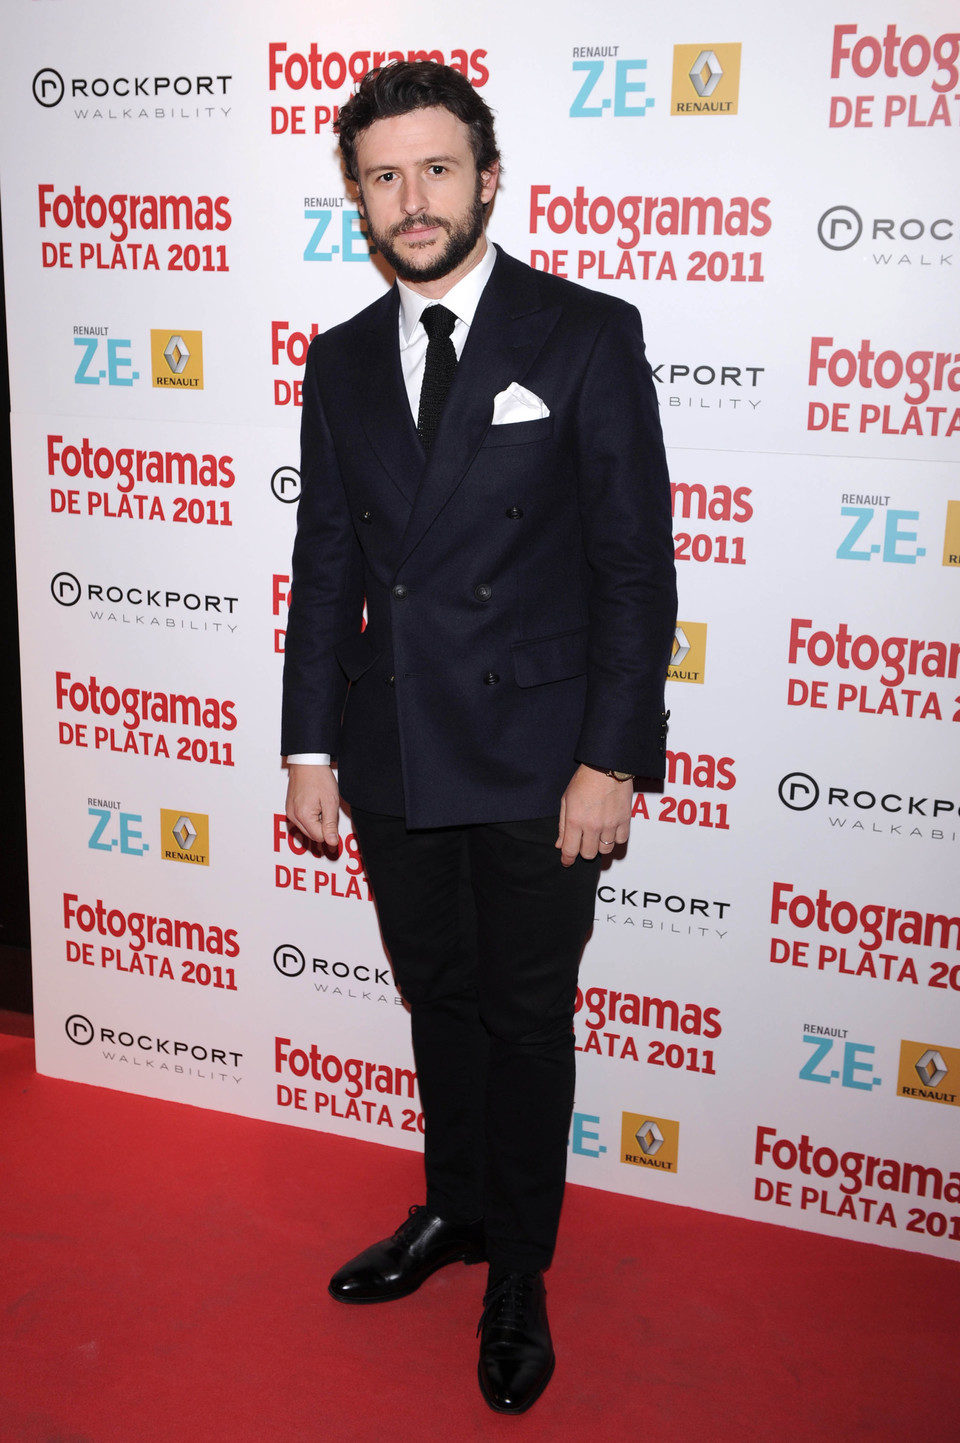 Diego Martín en los Fotogramas de Plata 2011